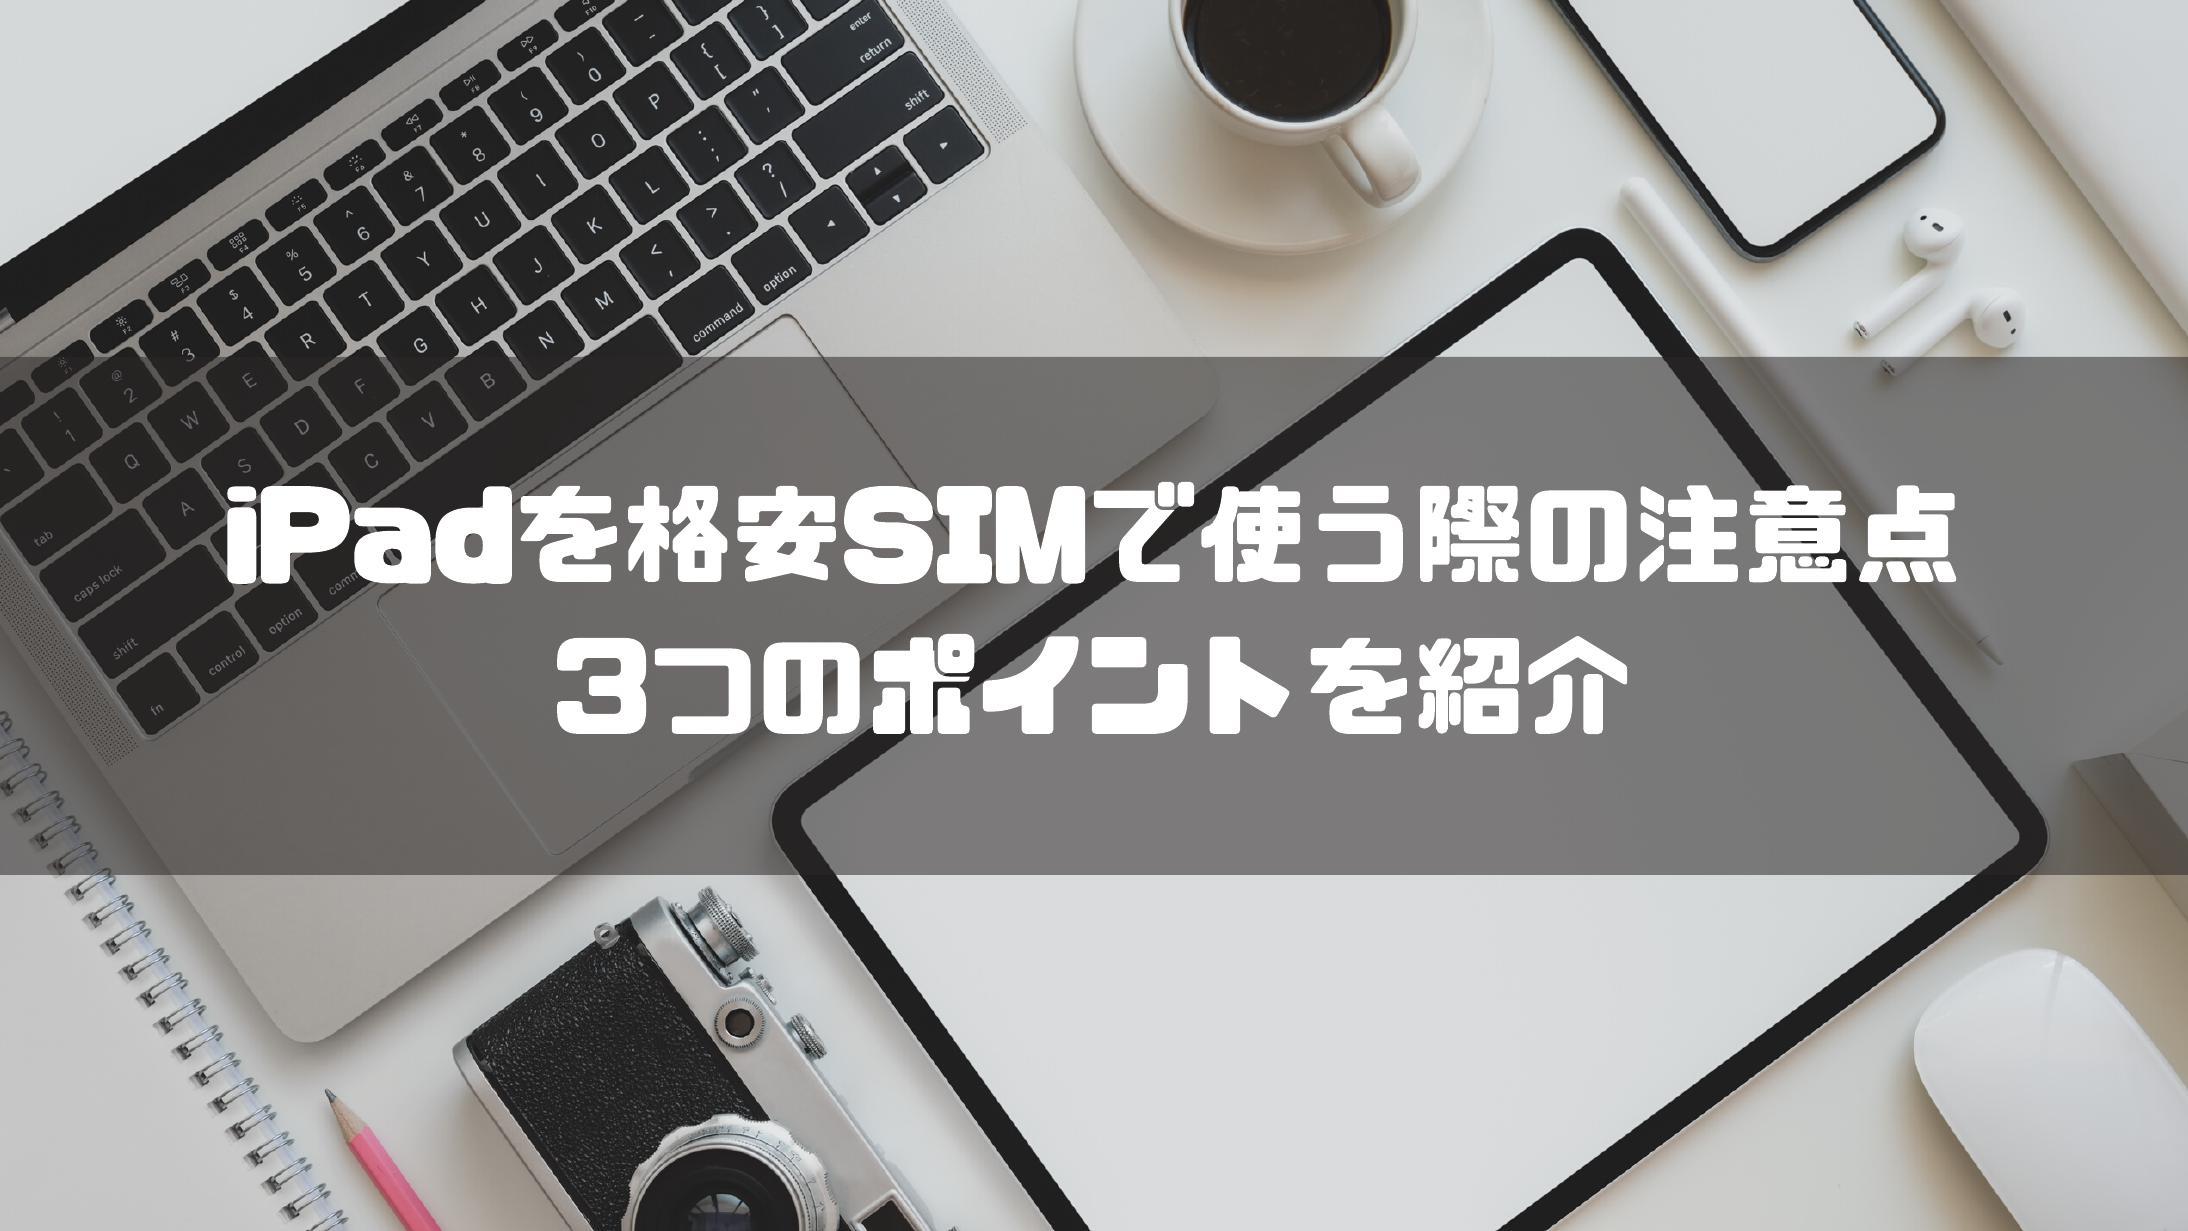 iPad_格安SIM_注意点_使う_ポイント_3つ_紹介